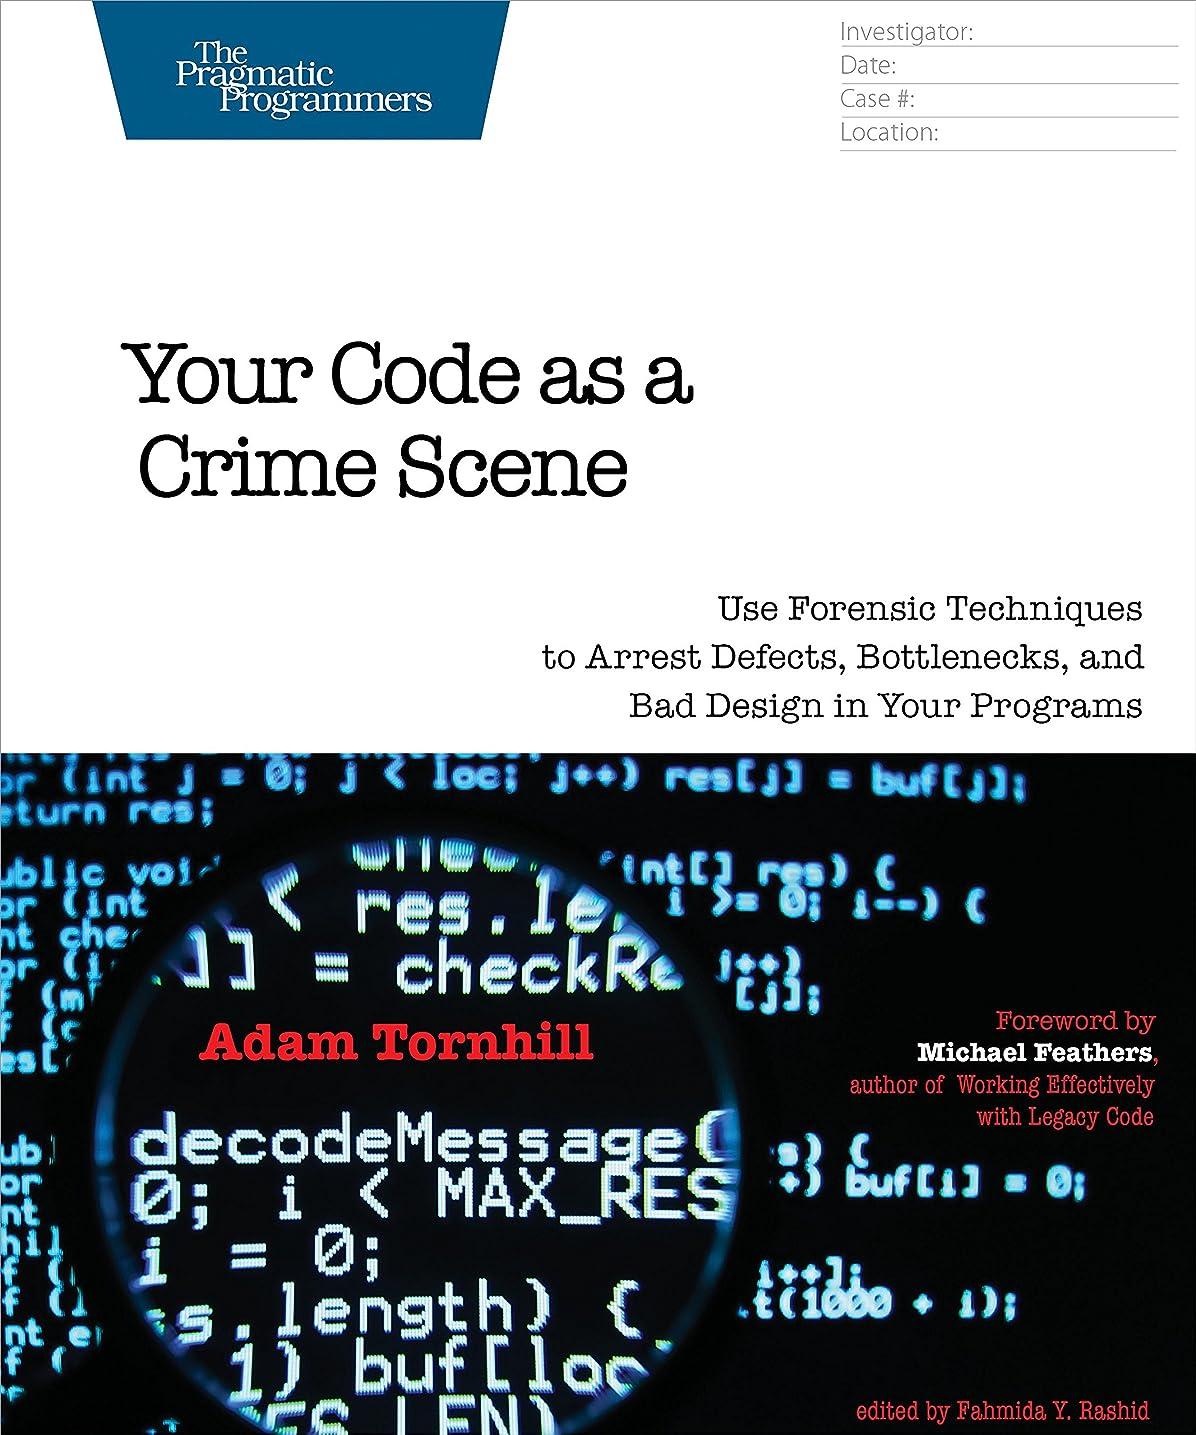 西慎重に遺体安置所Your Code as a Crime Scene: Use Forensic Techniques to Arrest Defects, Bottlenecks, and Bad Design in Your Programs (The Pragmatic Programmers) (English Edition)